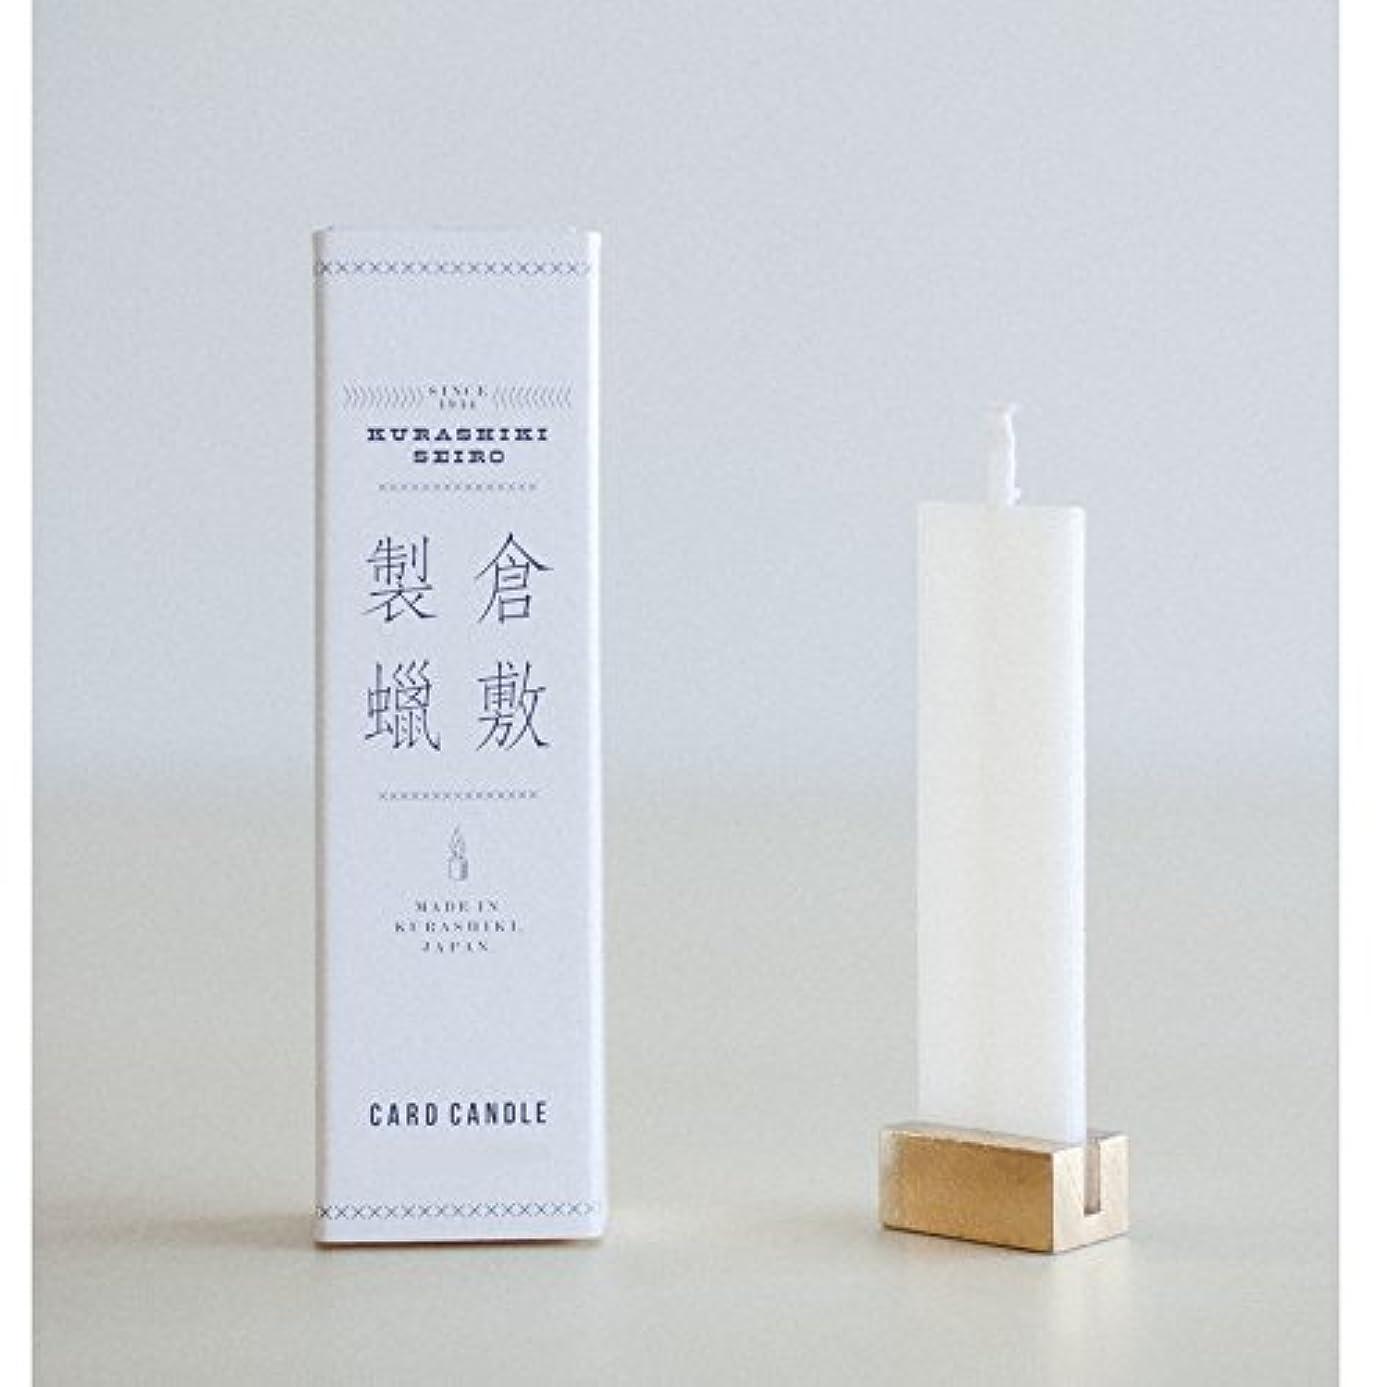 傑出したアピール卒業倉敷製蝋 CARD CANDLE (Fresh Floral)